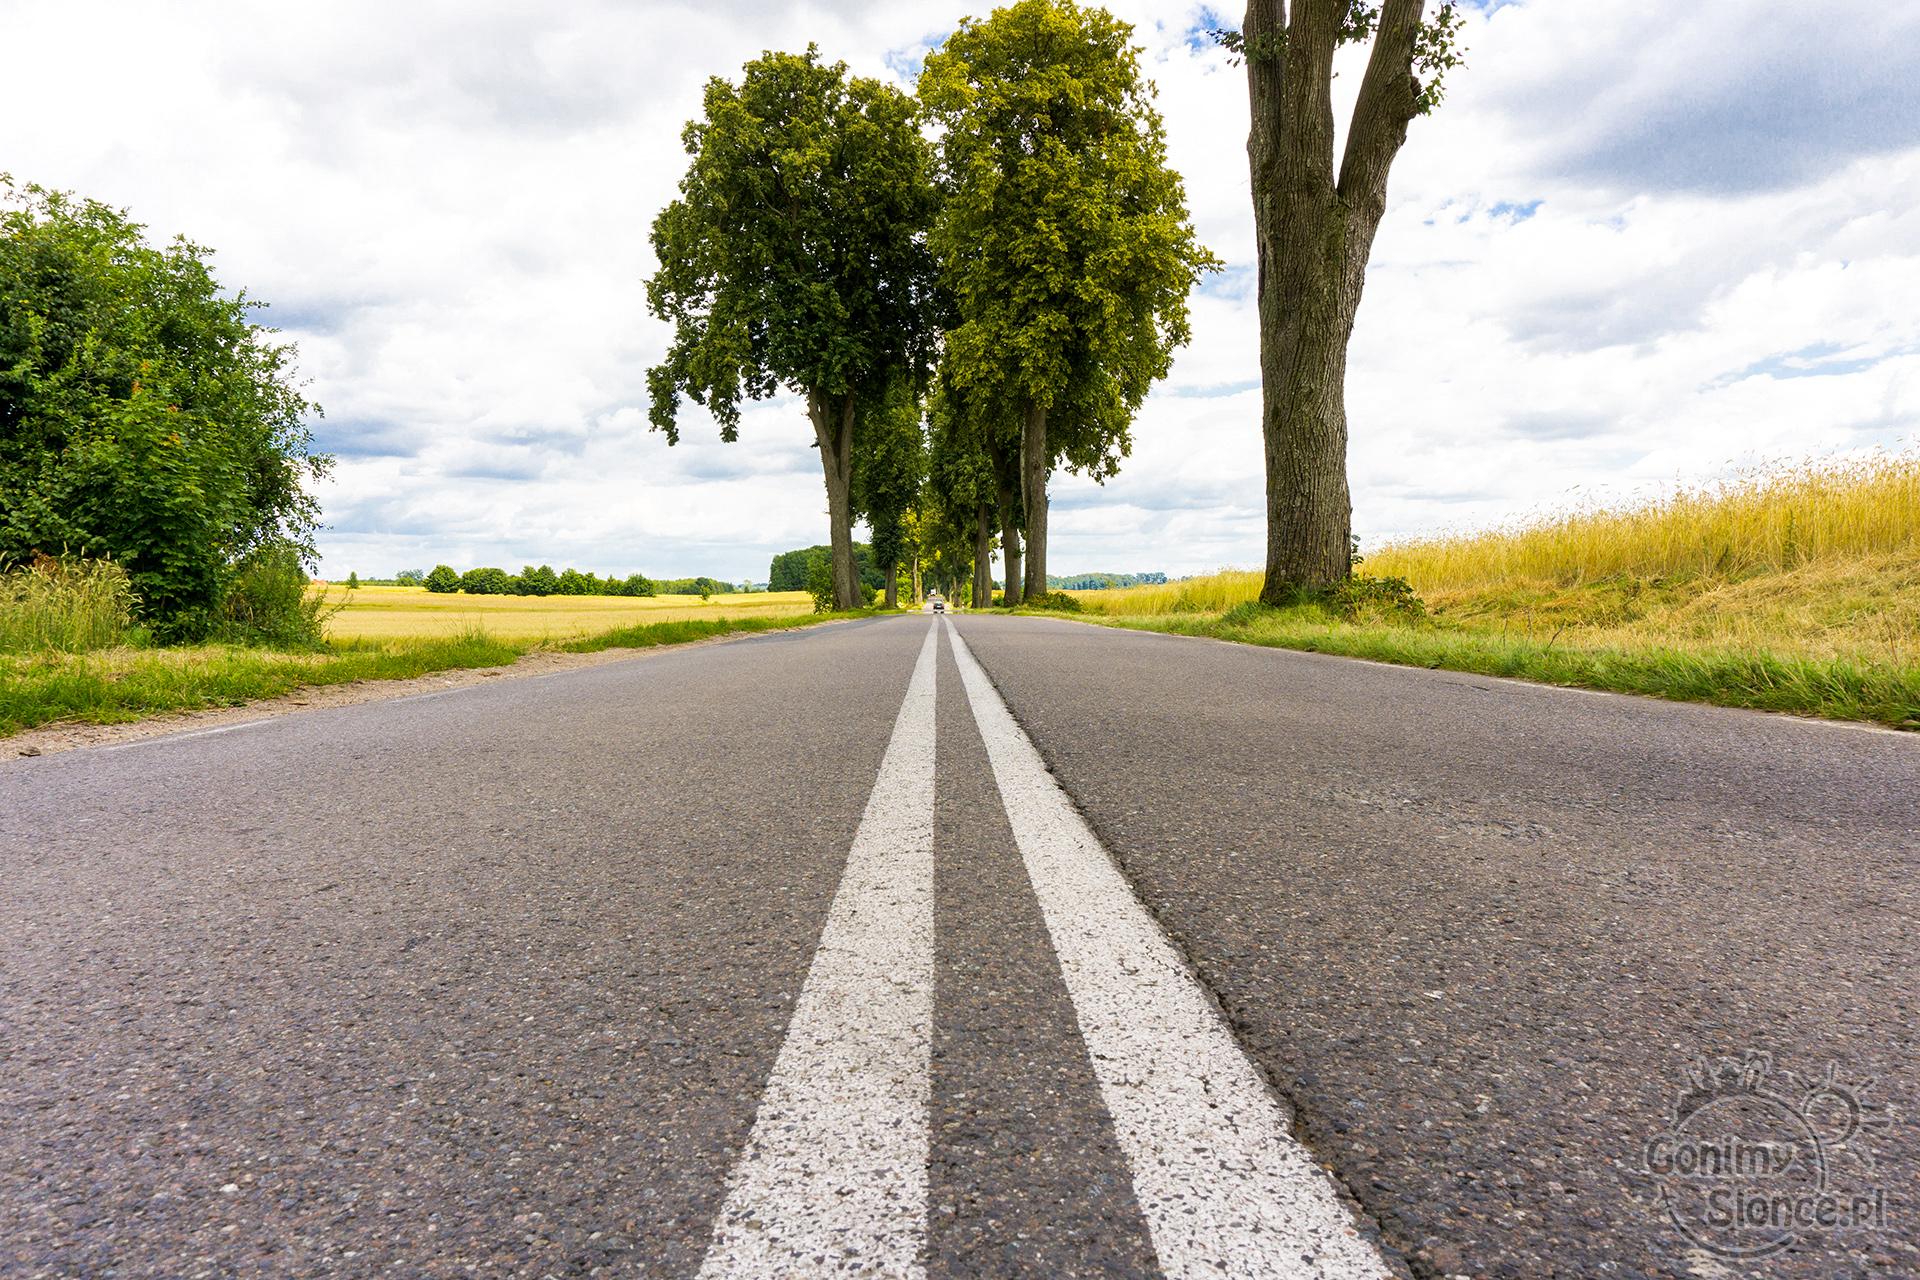 Droga w nieznane - witaj przygodo! Rowerowe trasy w Polsce